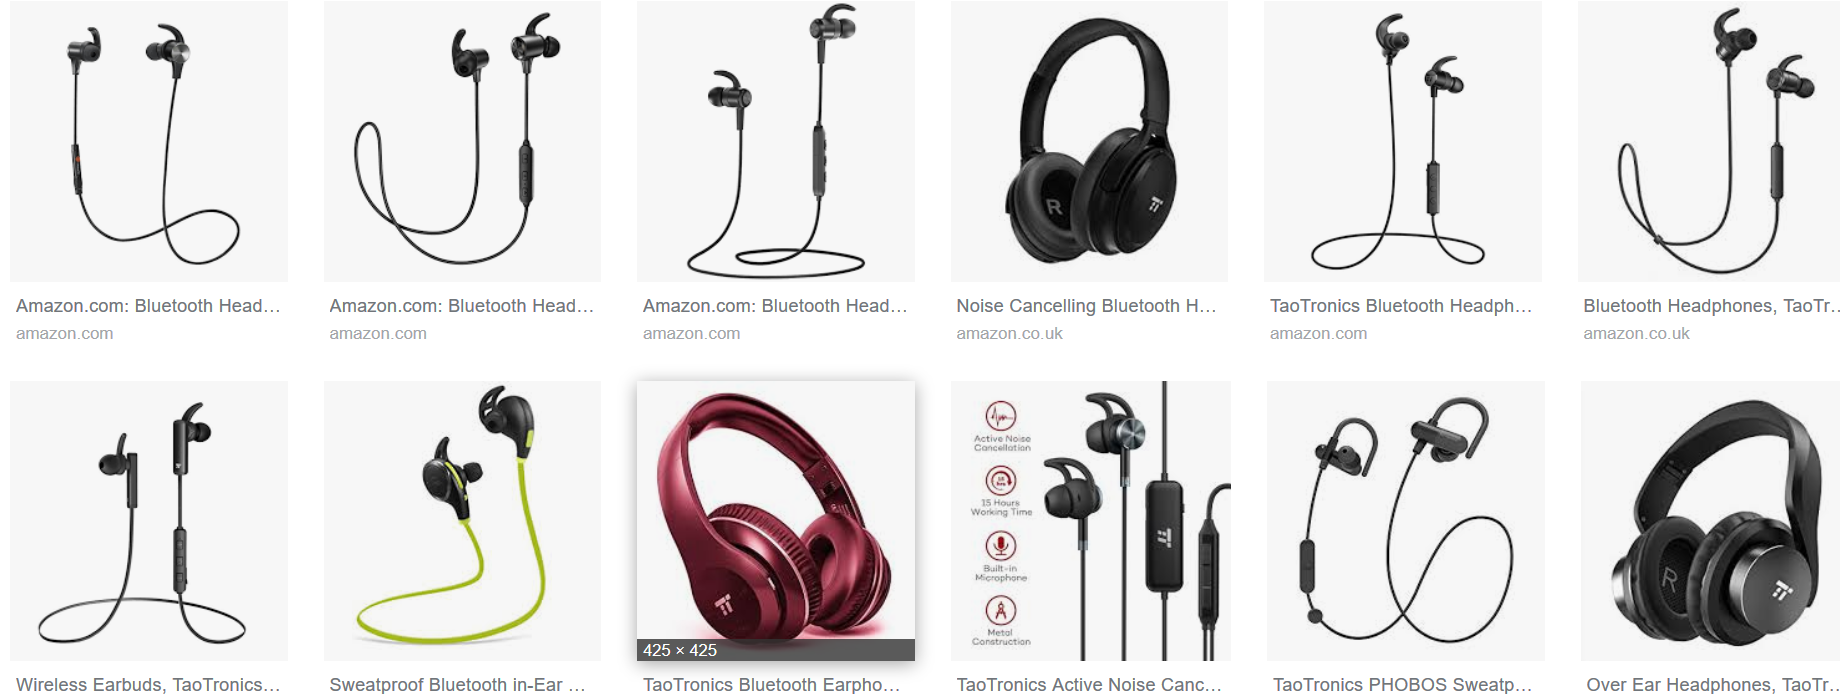 Taotronics Headphones coupon